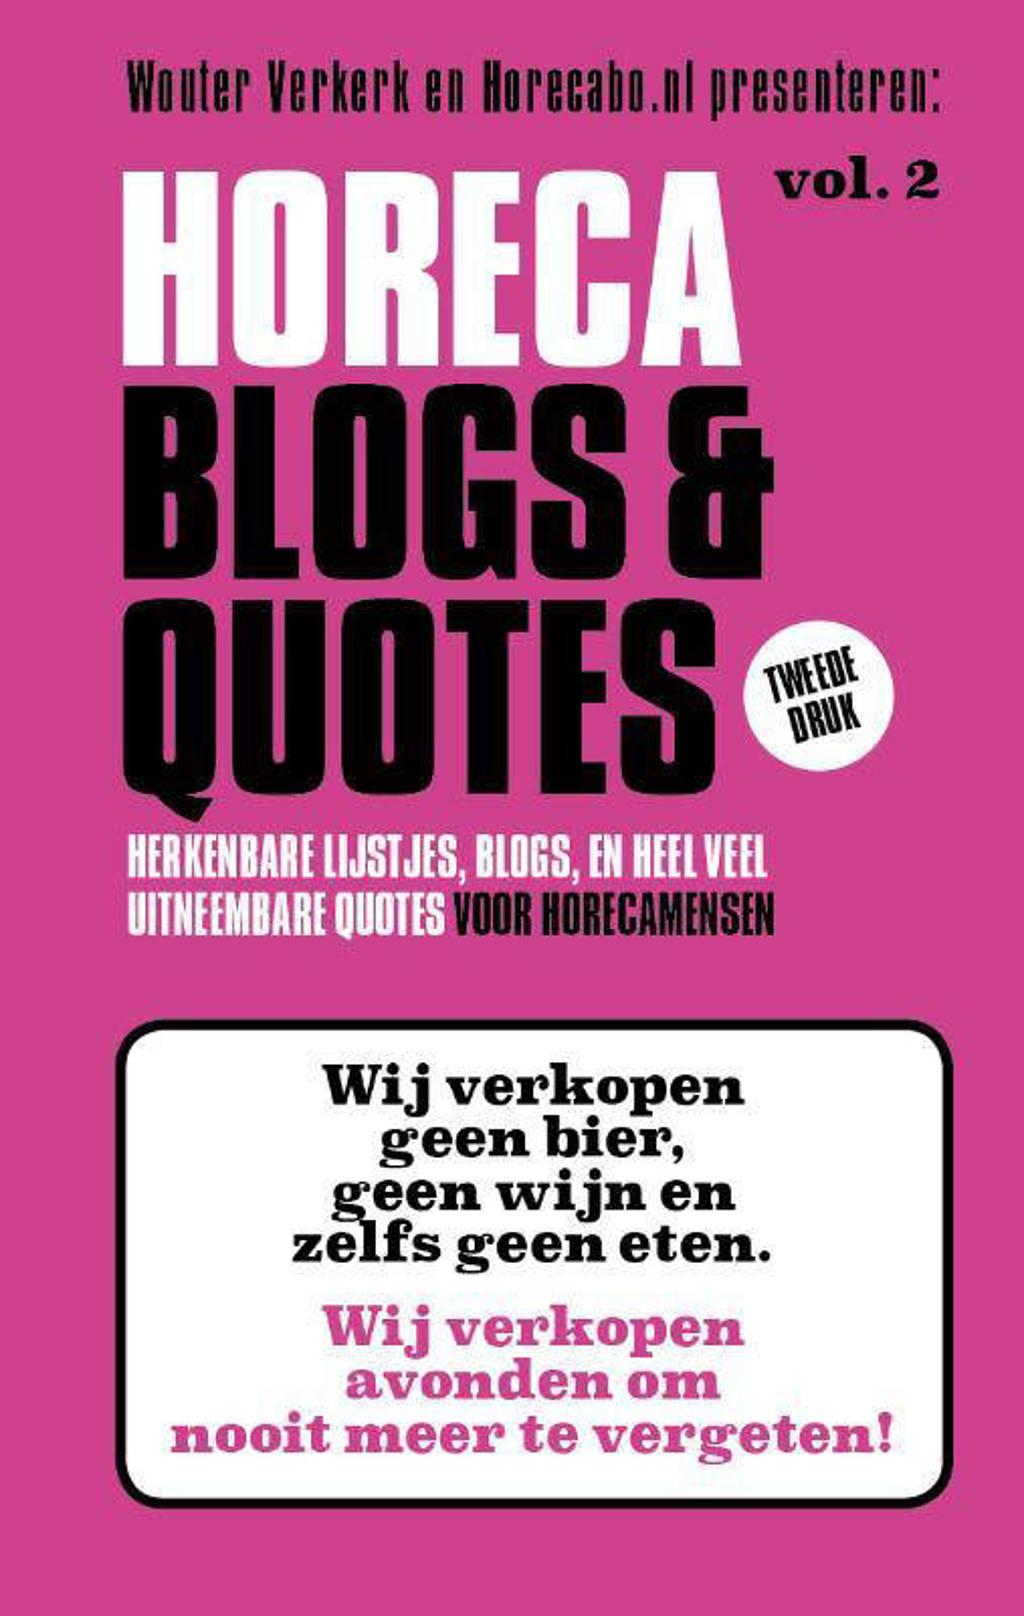 Horeca Blogs en Quotes: Herkenbare lijstjes, blogs en heel veel uitneembare Quotes - Wouter Verkerk